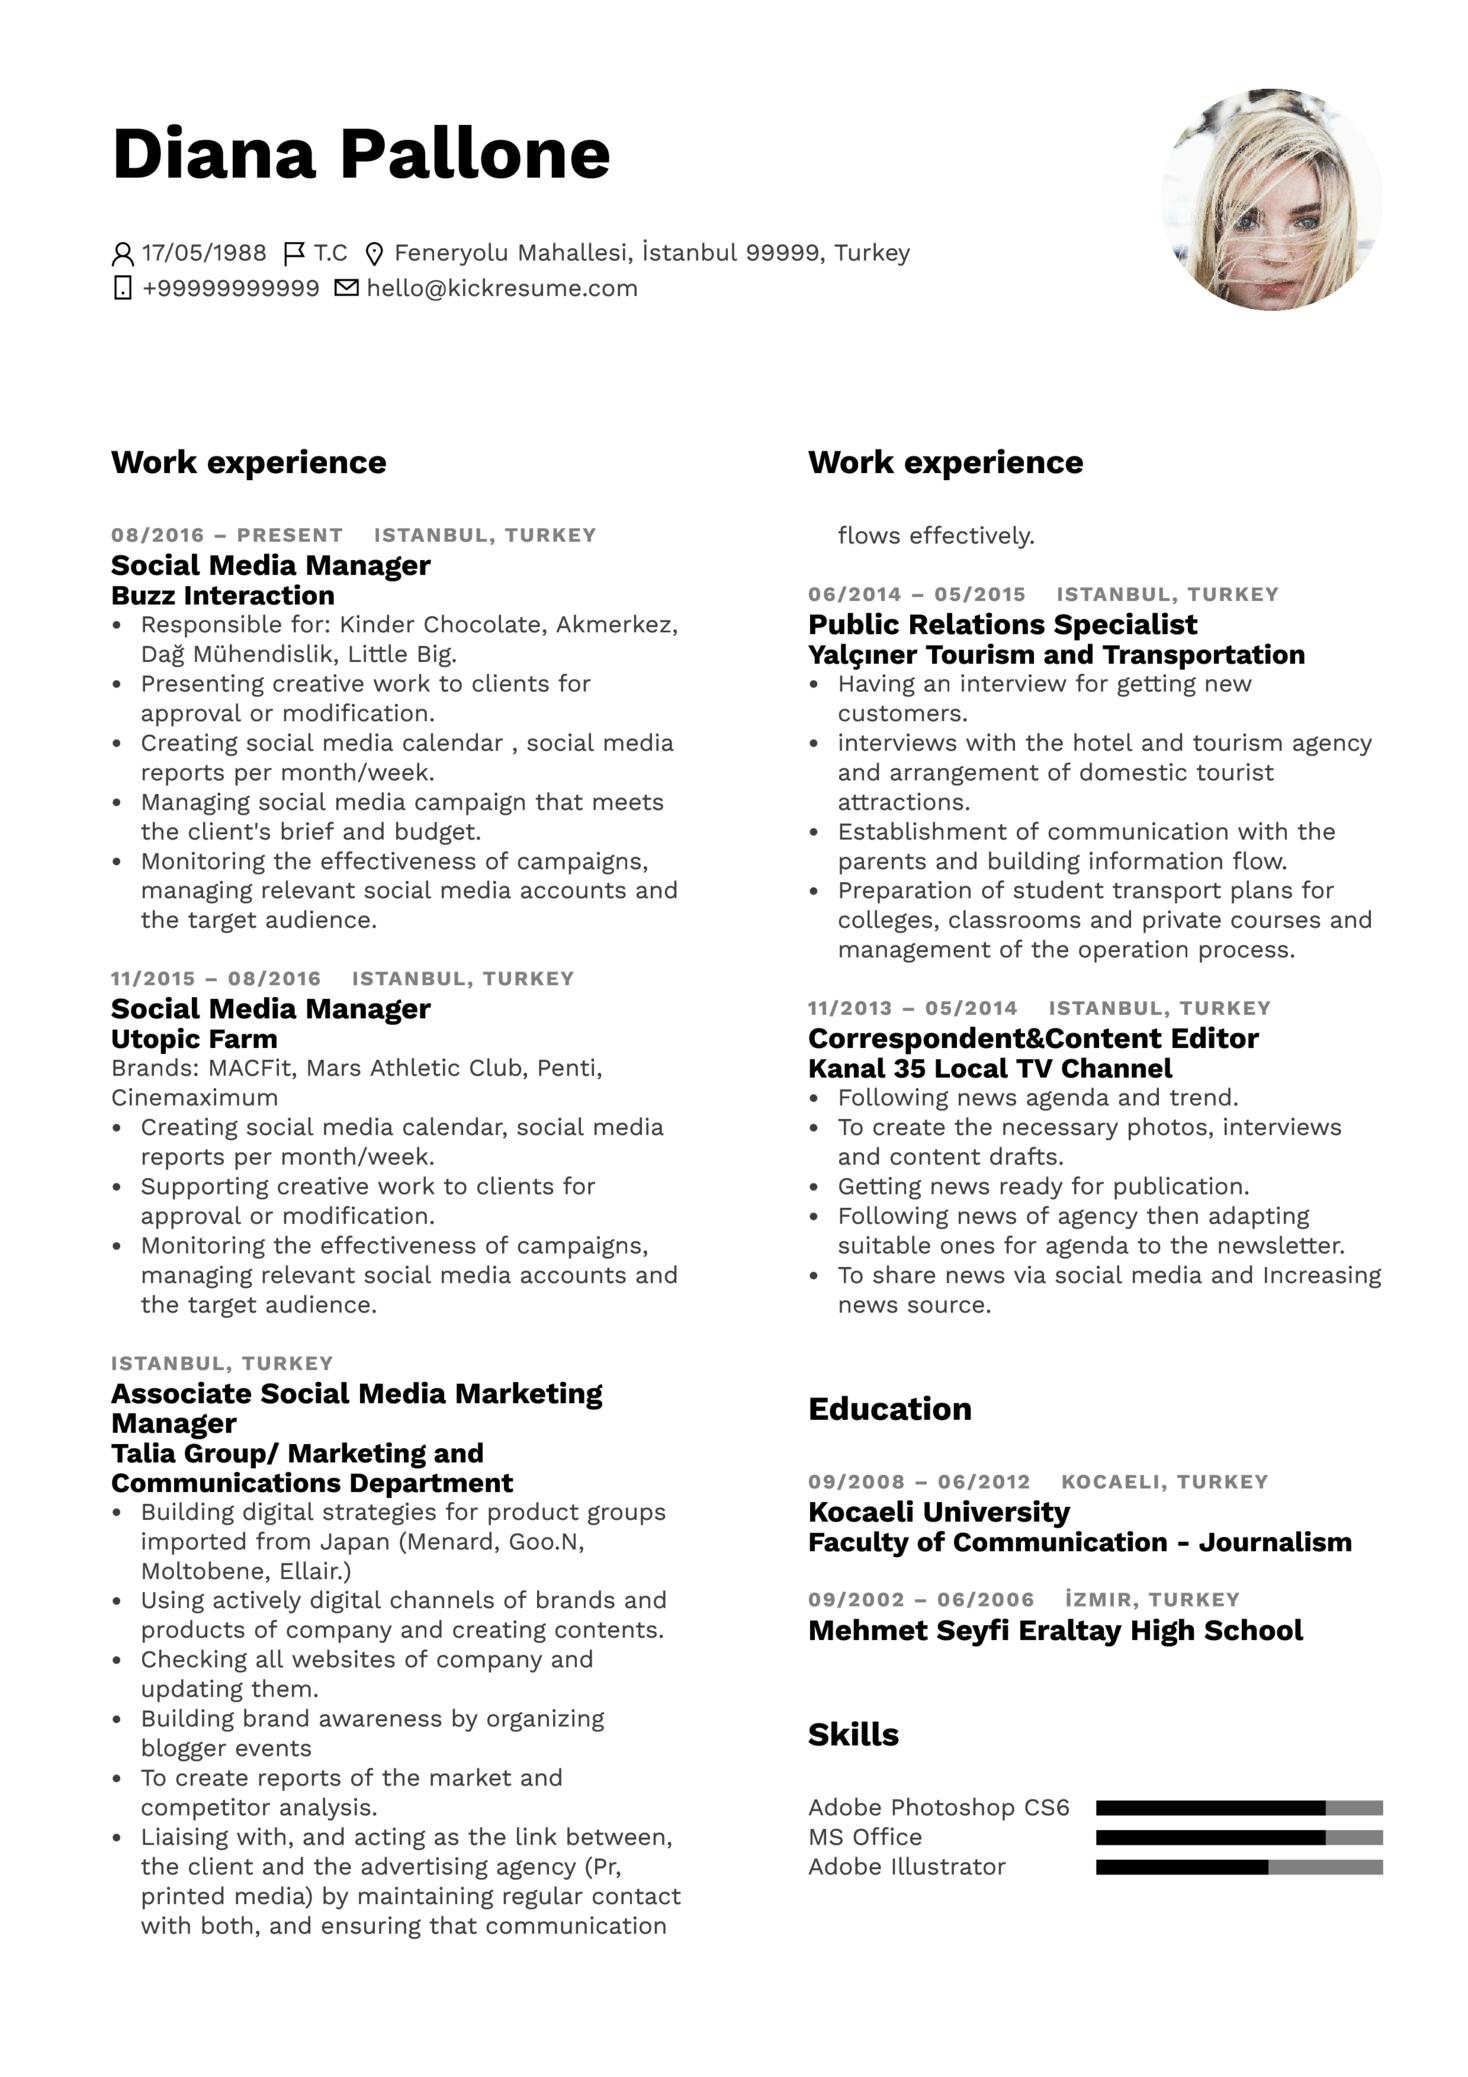 L'Oréal Social Media Manager Resume Sample (Part 1)